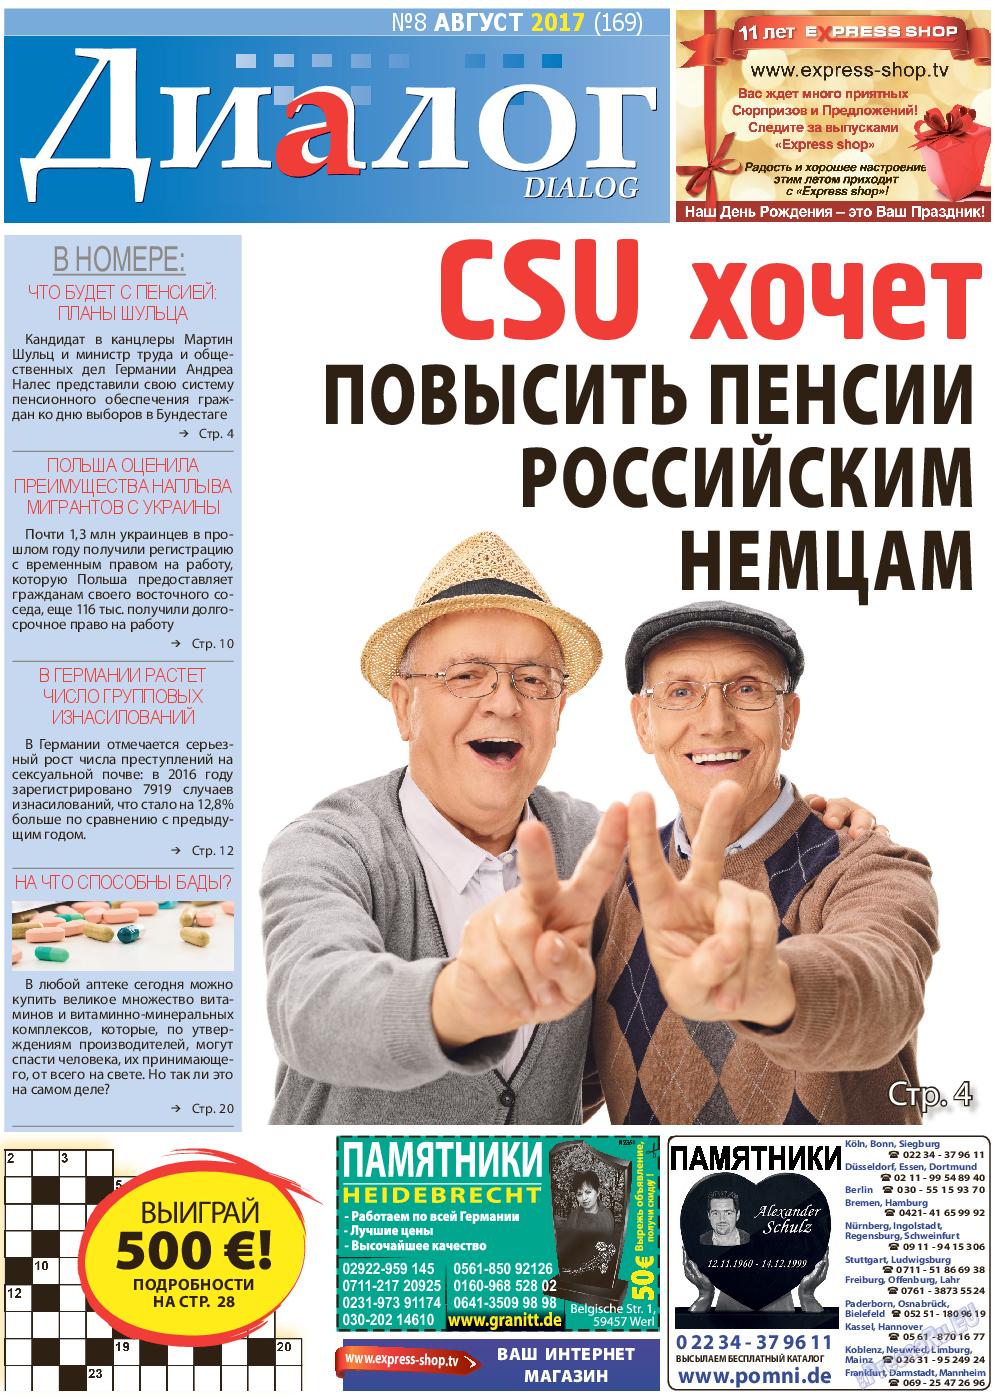 Диалог (газета). 2017 год, номер 8, стр. 1